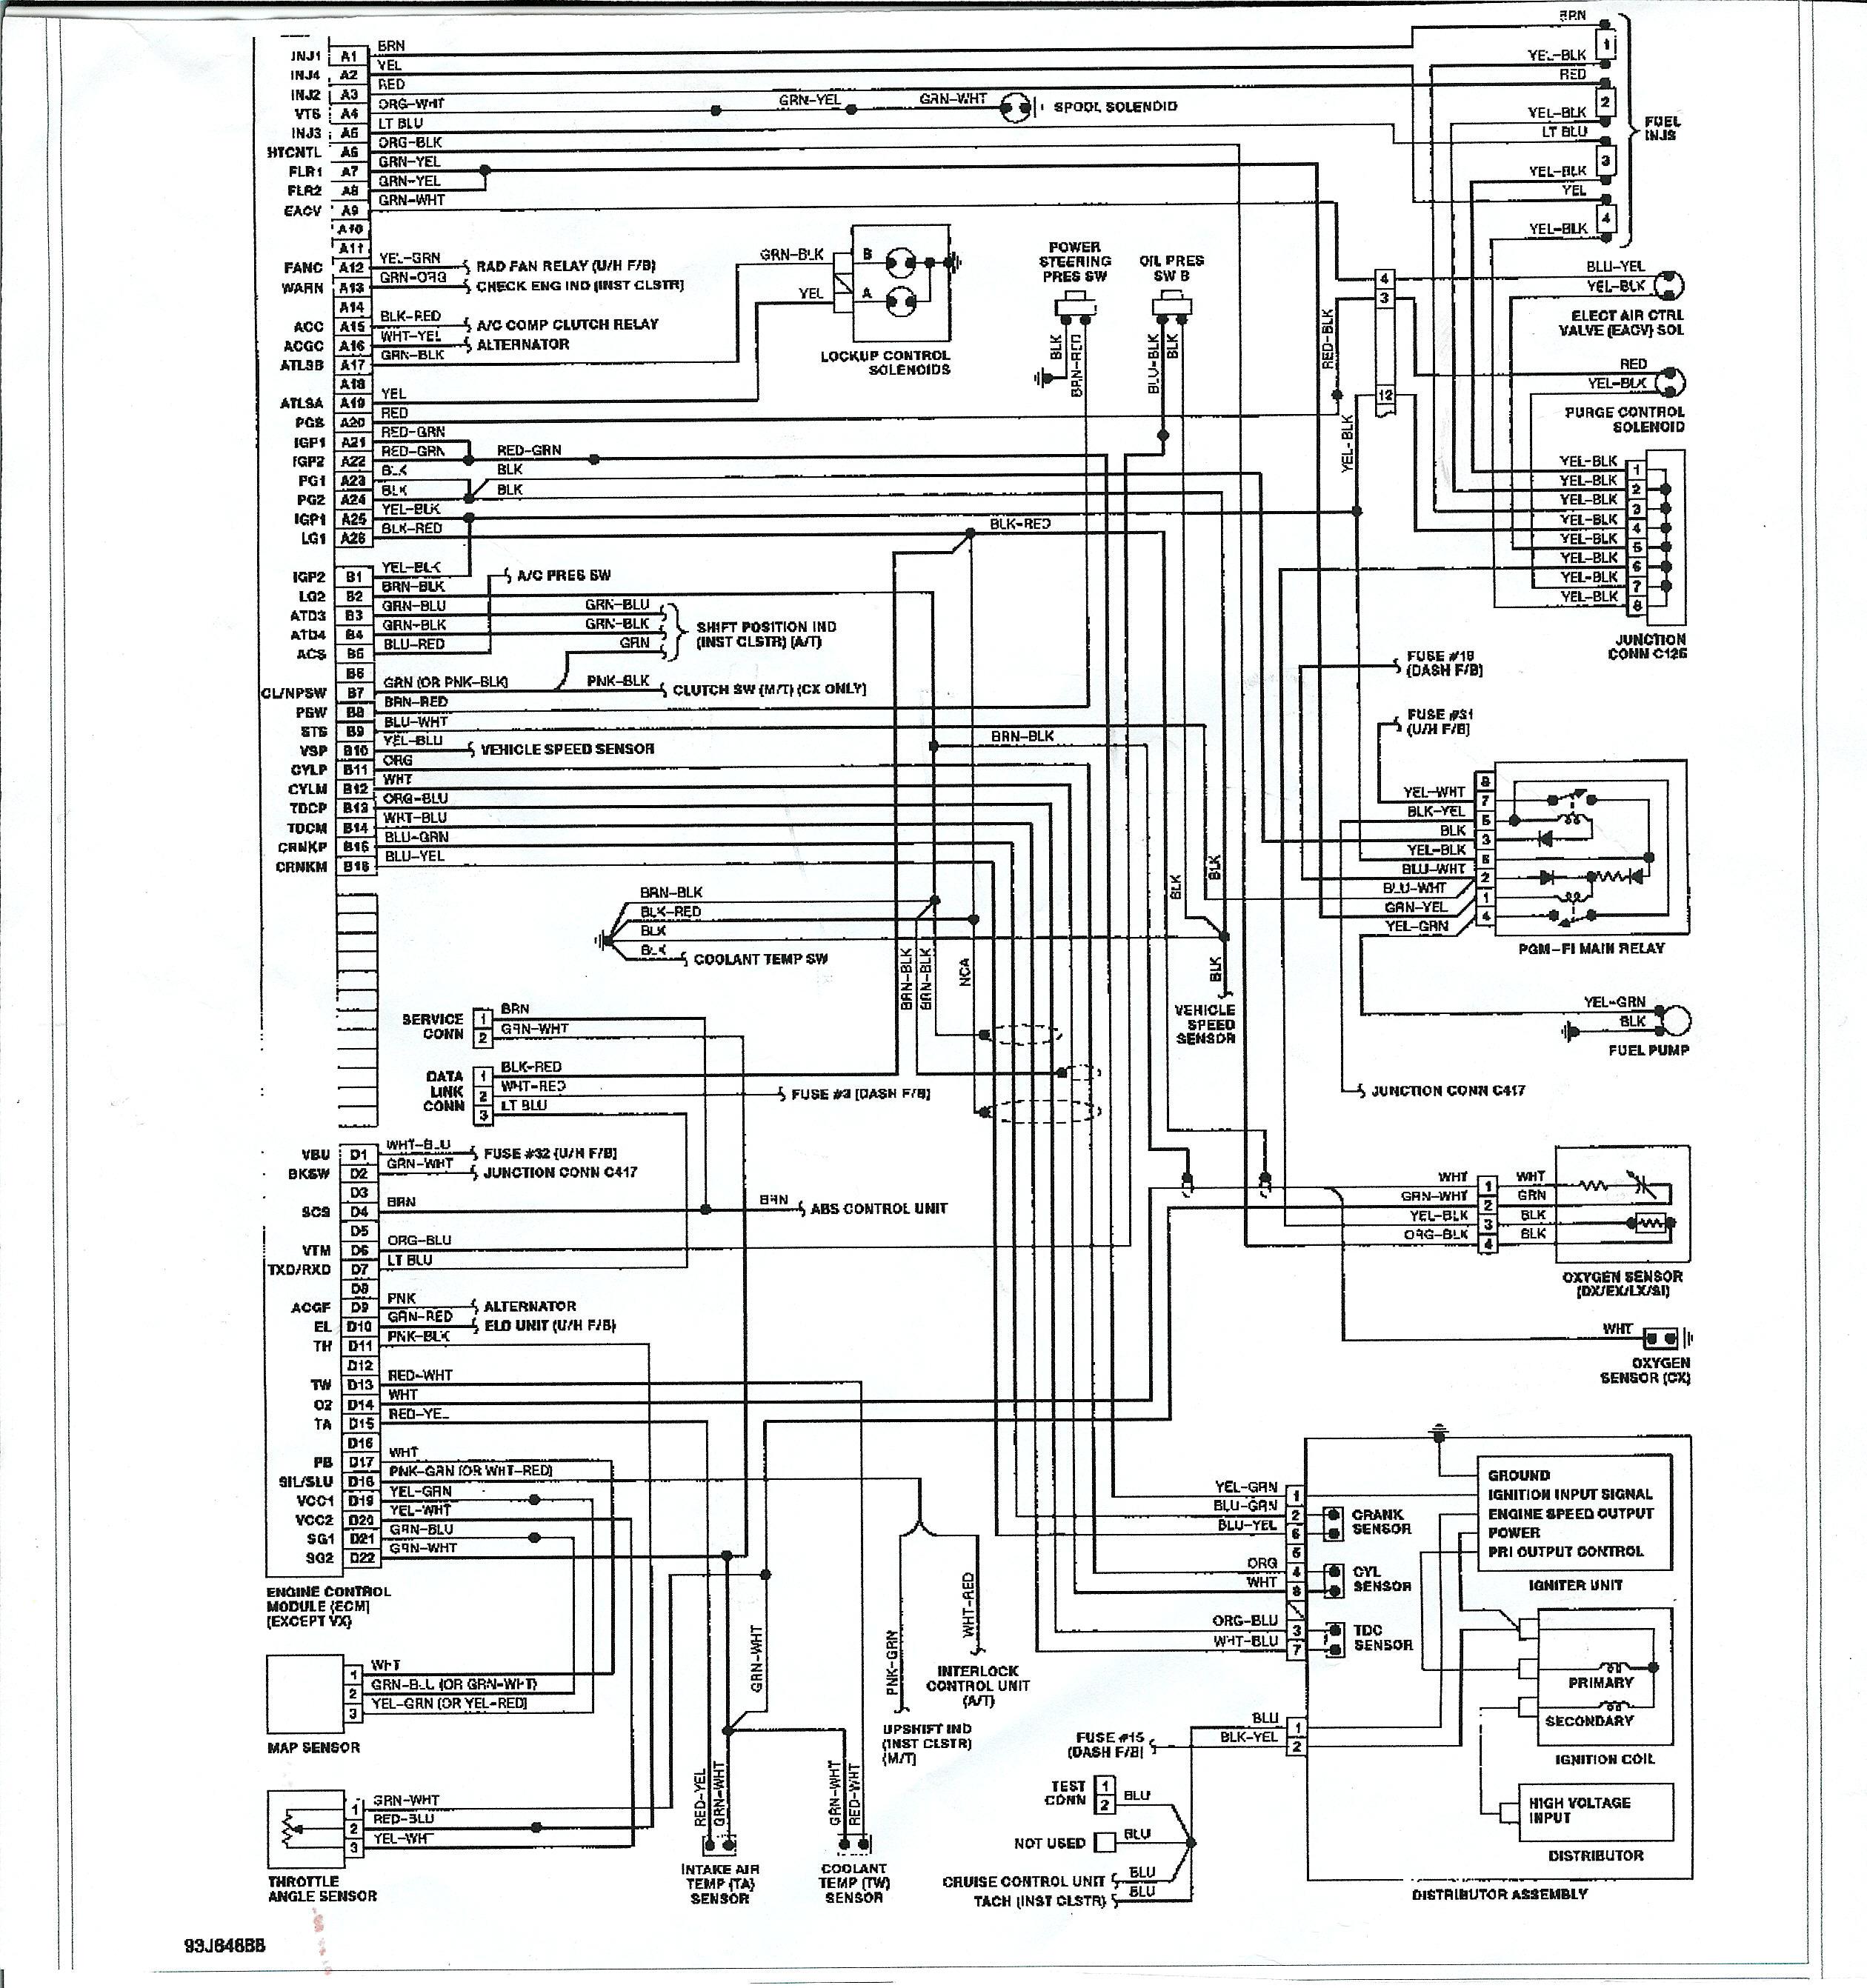 2000 Honda Civic Wiring Diagram Simple Diagrams Vw Rebel Harness 95 Ecu Todays 2007 Cr V